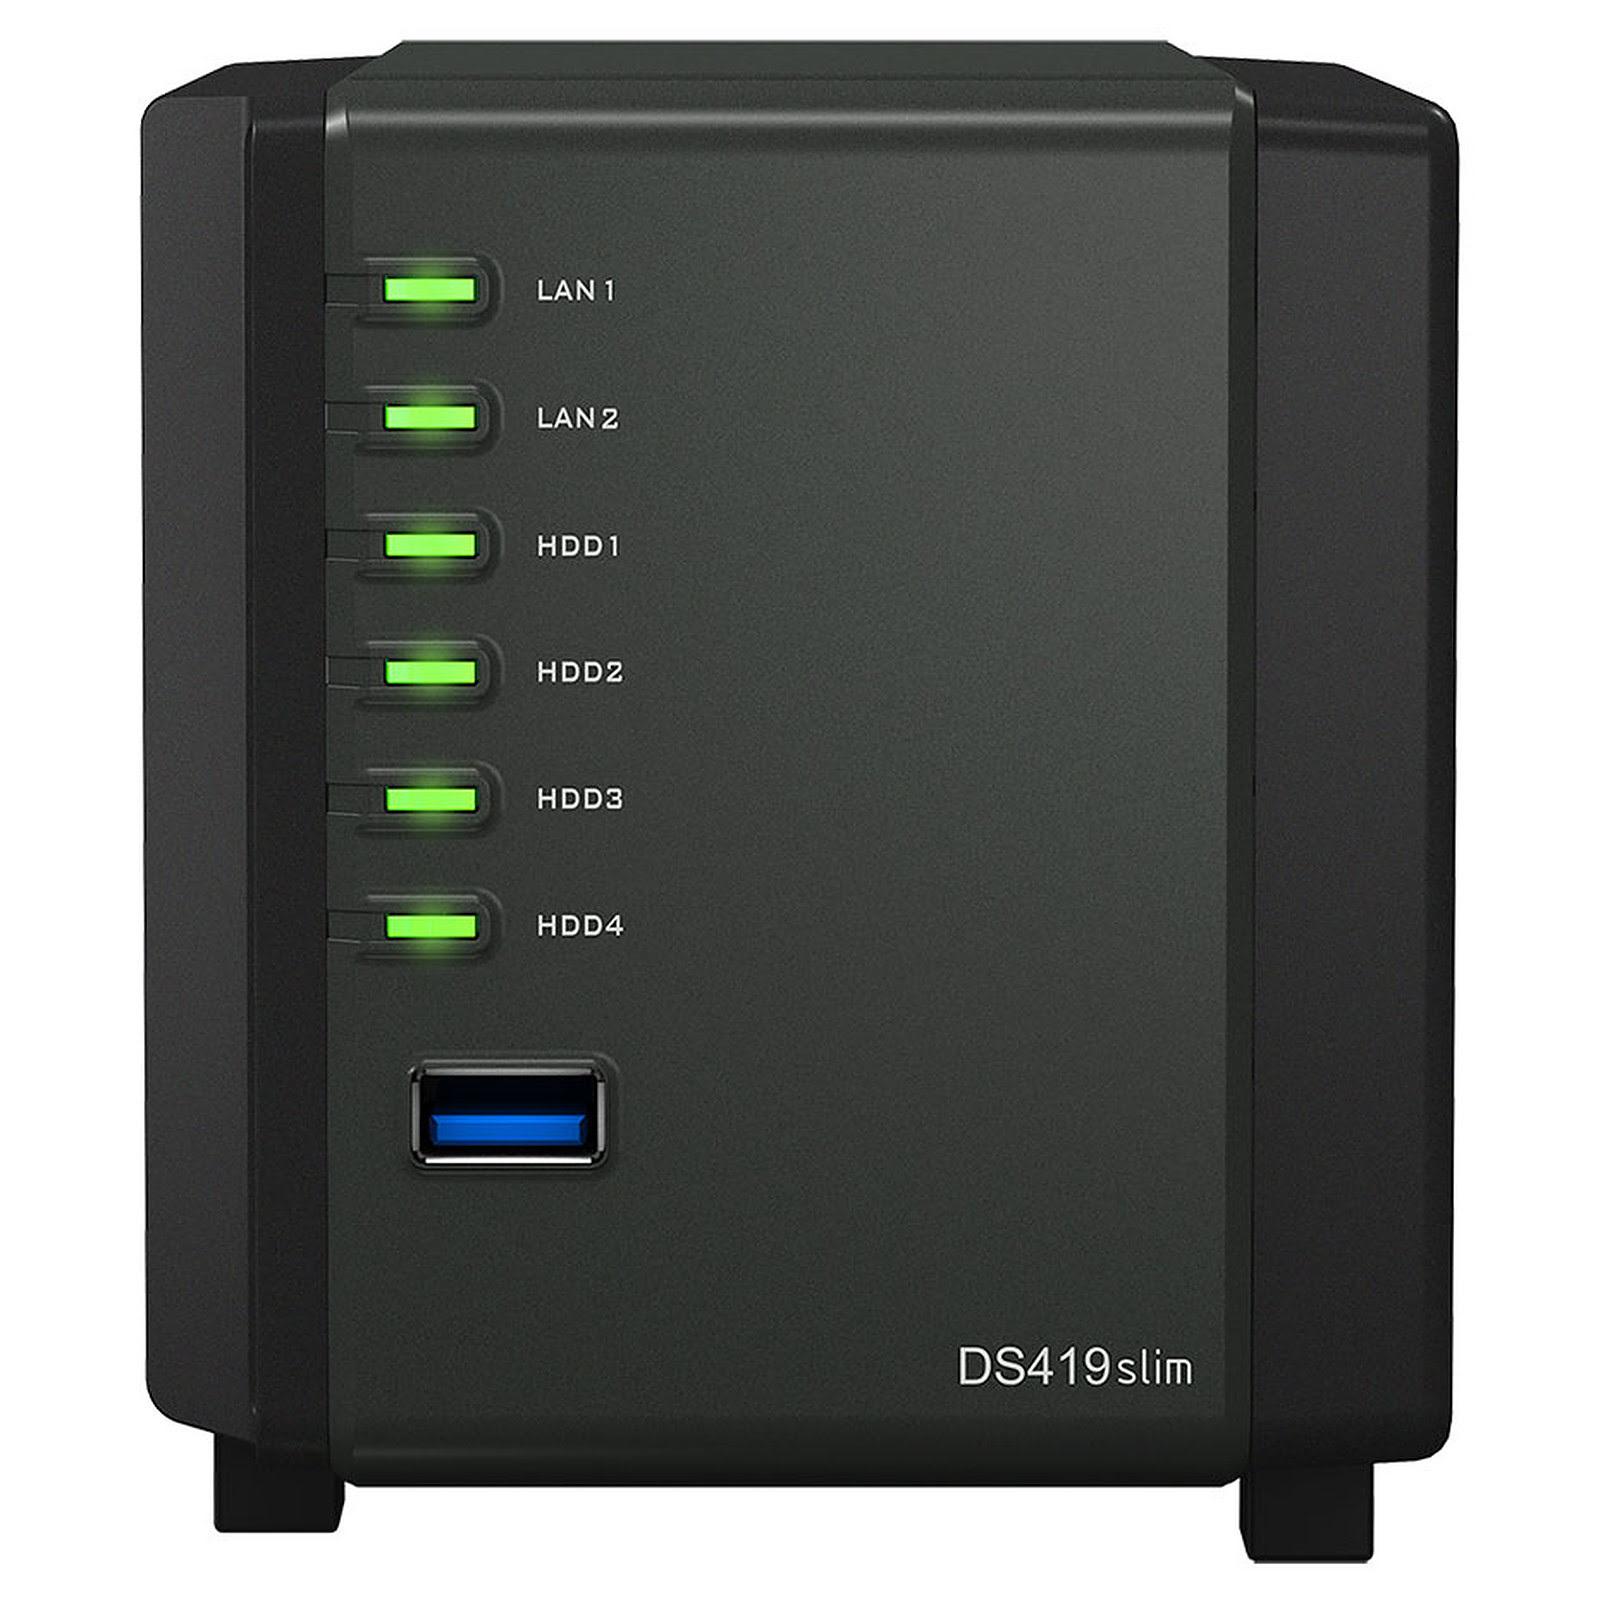 DiskStation DS419slim (DS419SLIM) - Achat / Vente Serveur NAS sur Picata.fr - 2